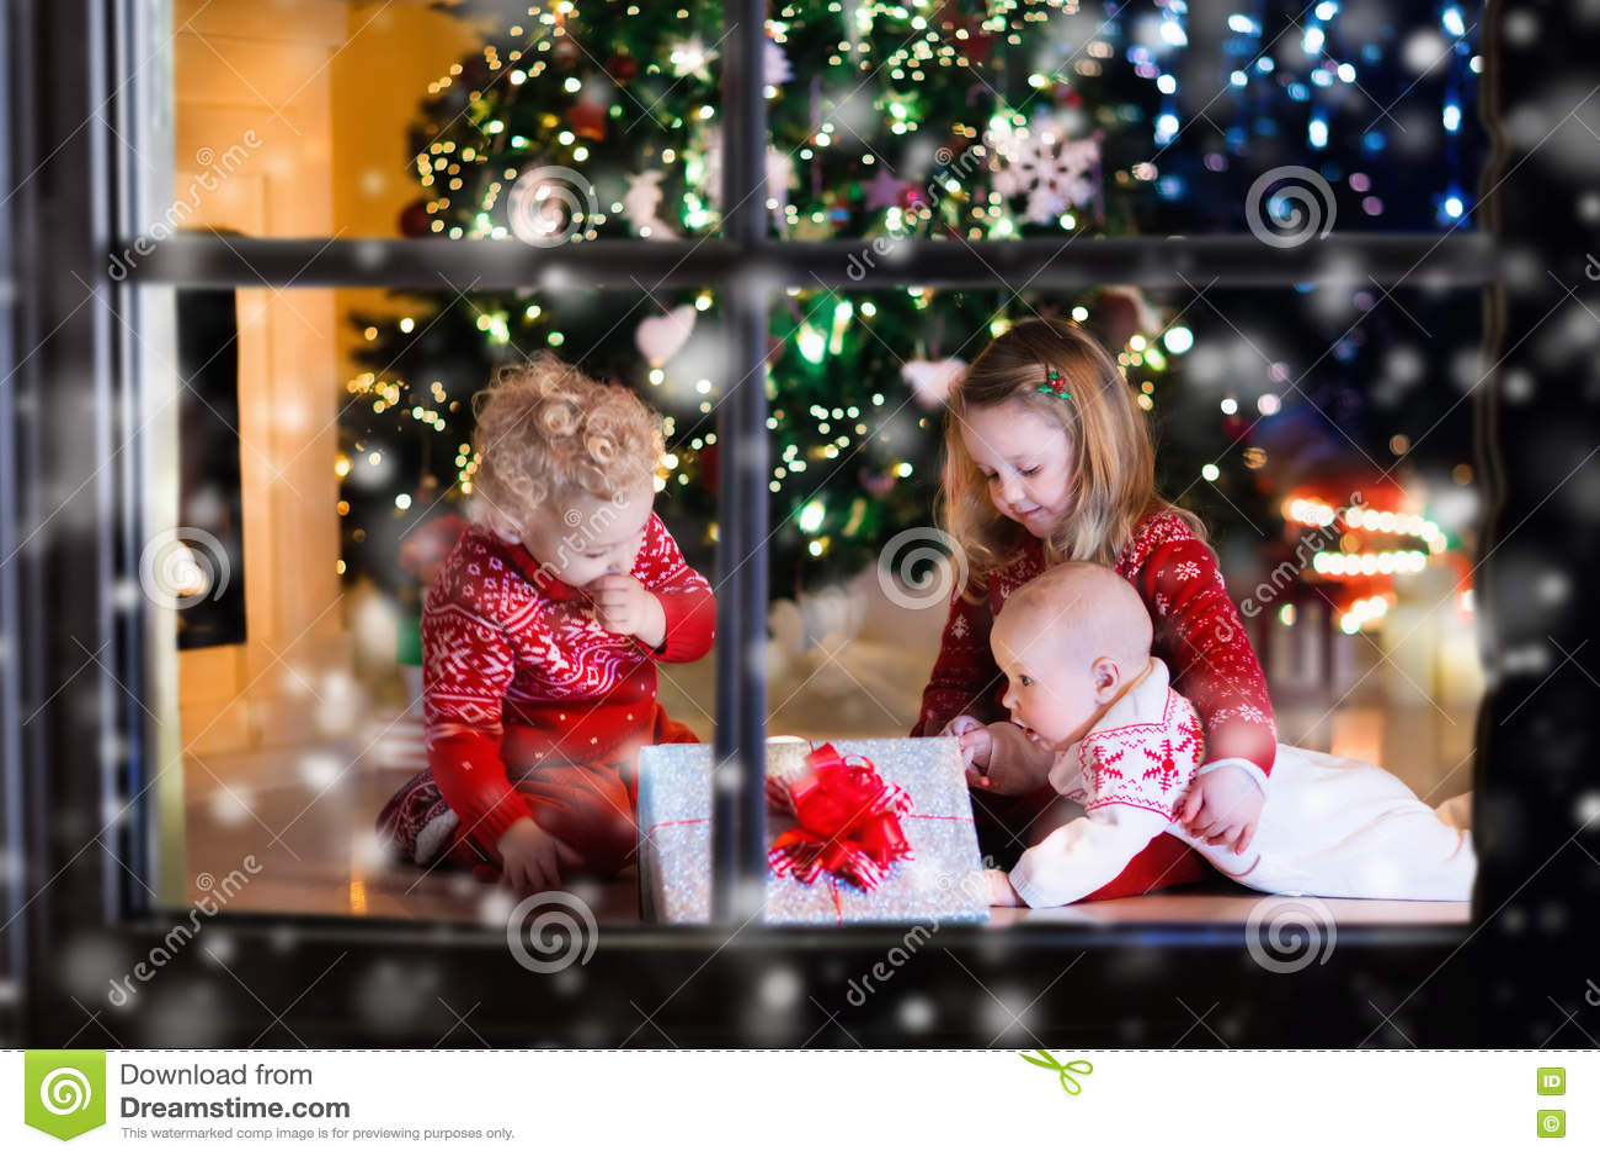 Regali Di Natale Bimbi.Bambini Che Aprono I Regali Di Natale Al Camino Fotografia Stock